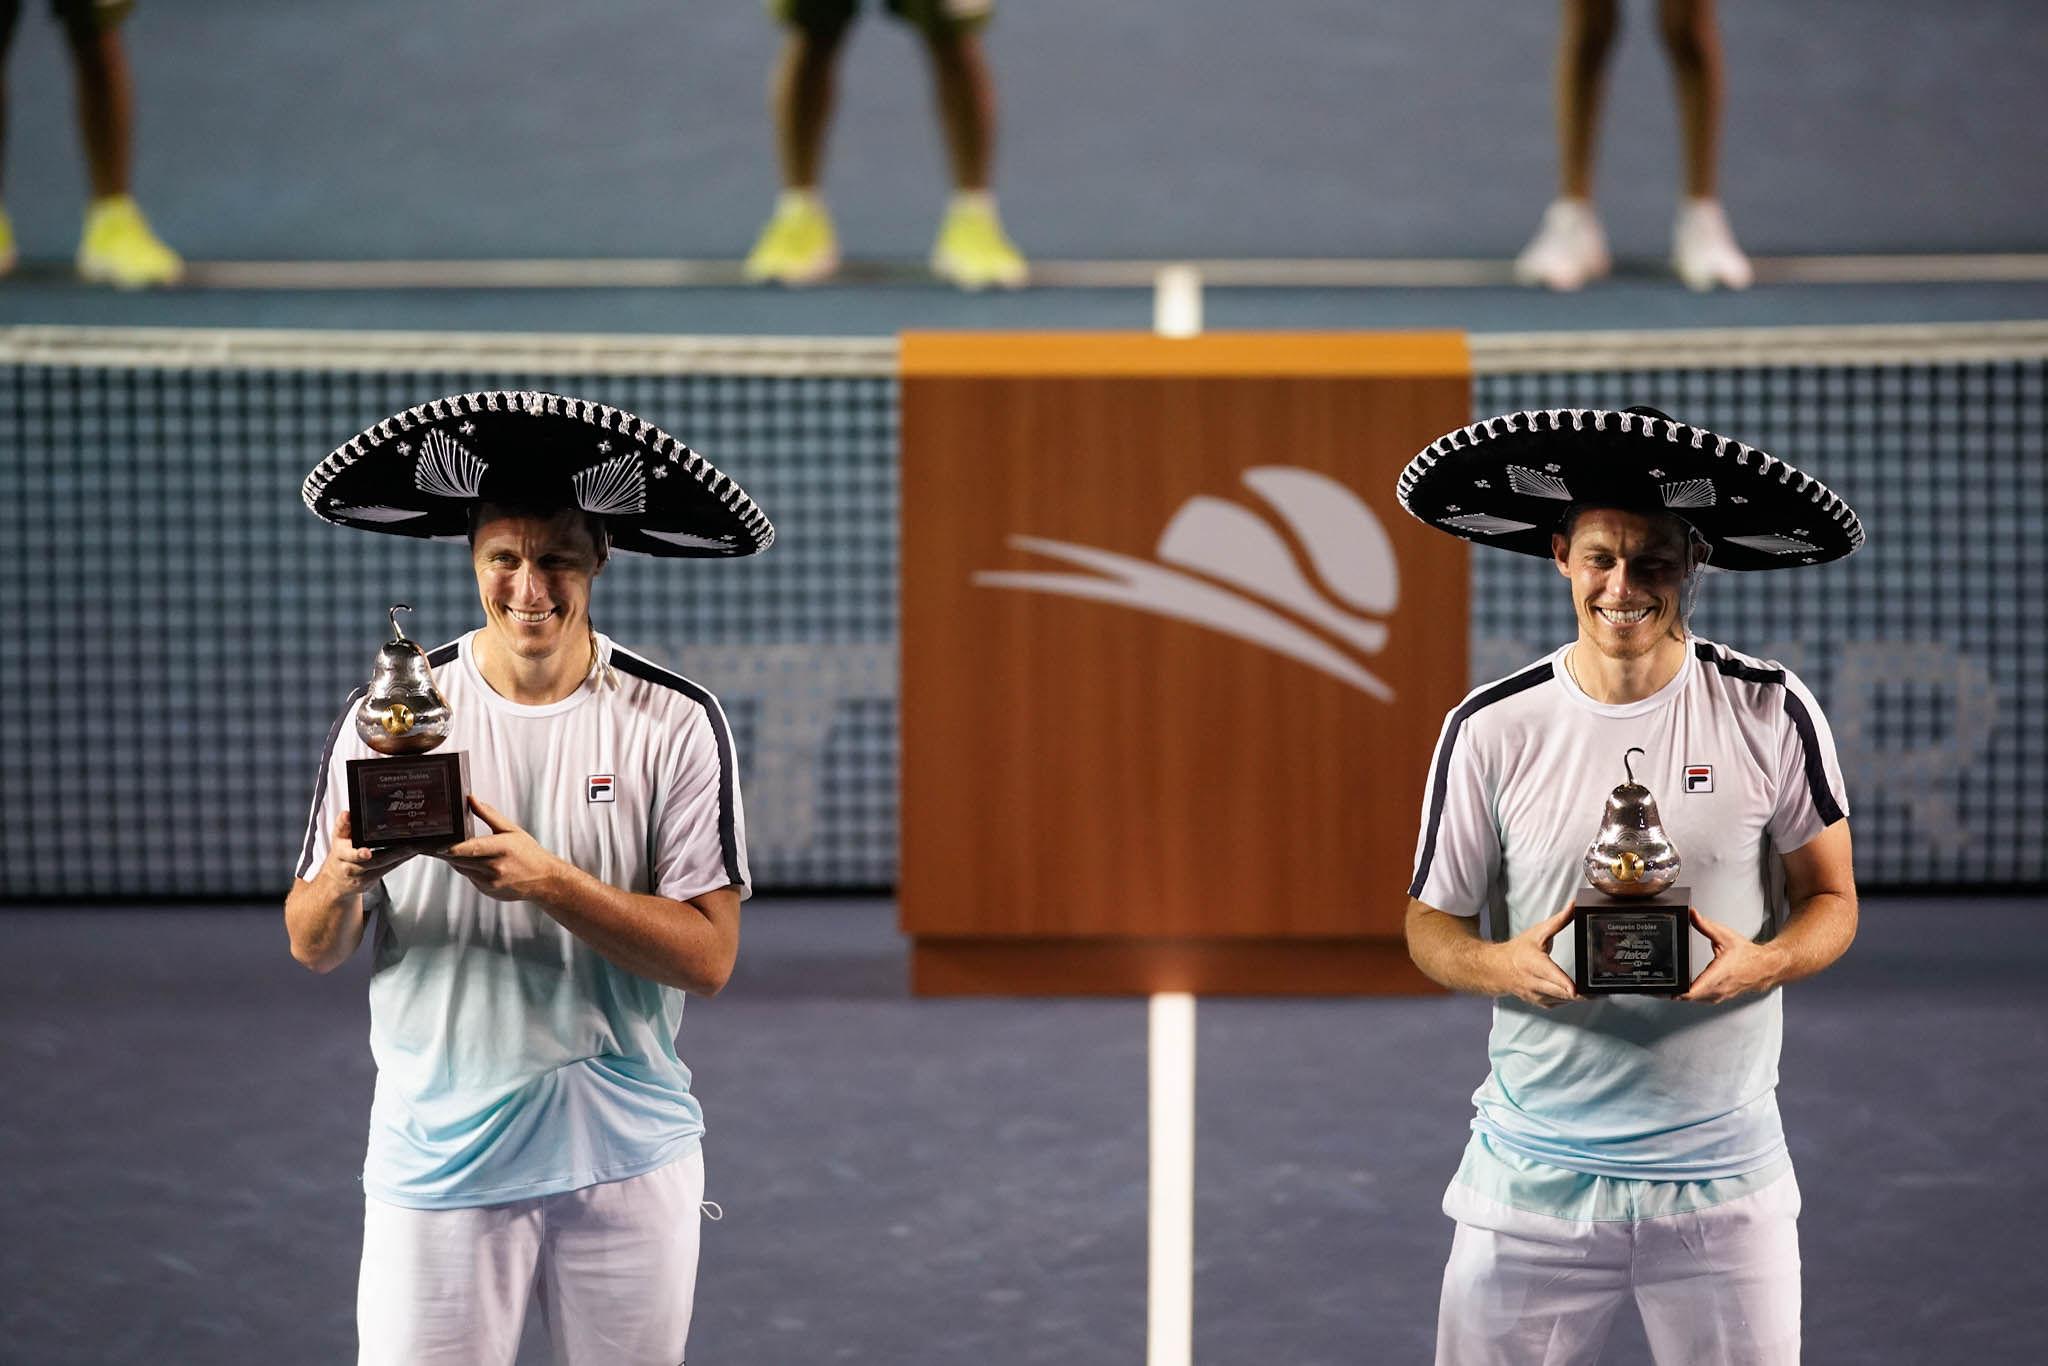 Ken y Neal Skupski conquistan Acapulco por primera vez.